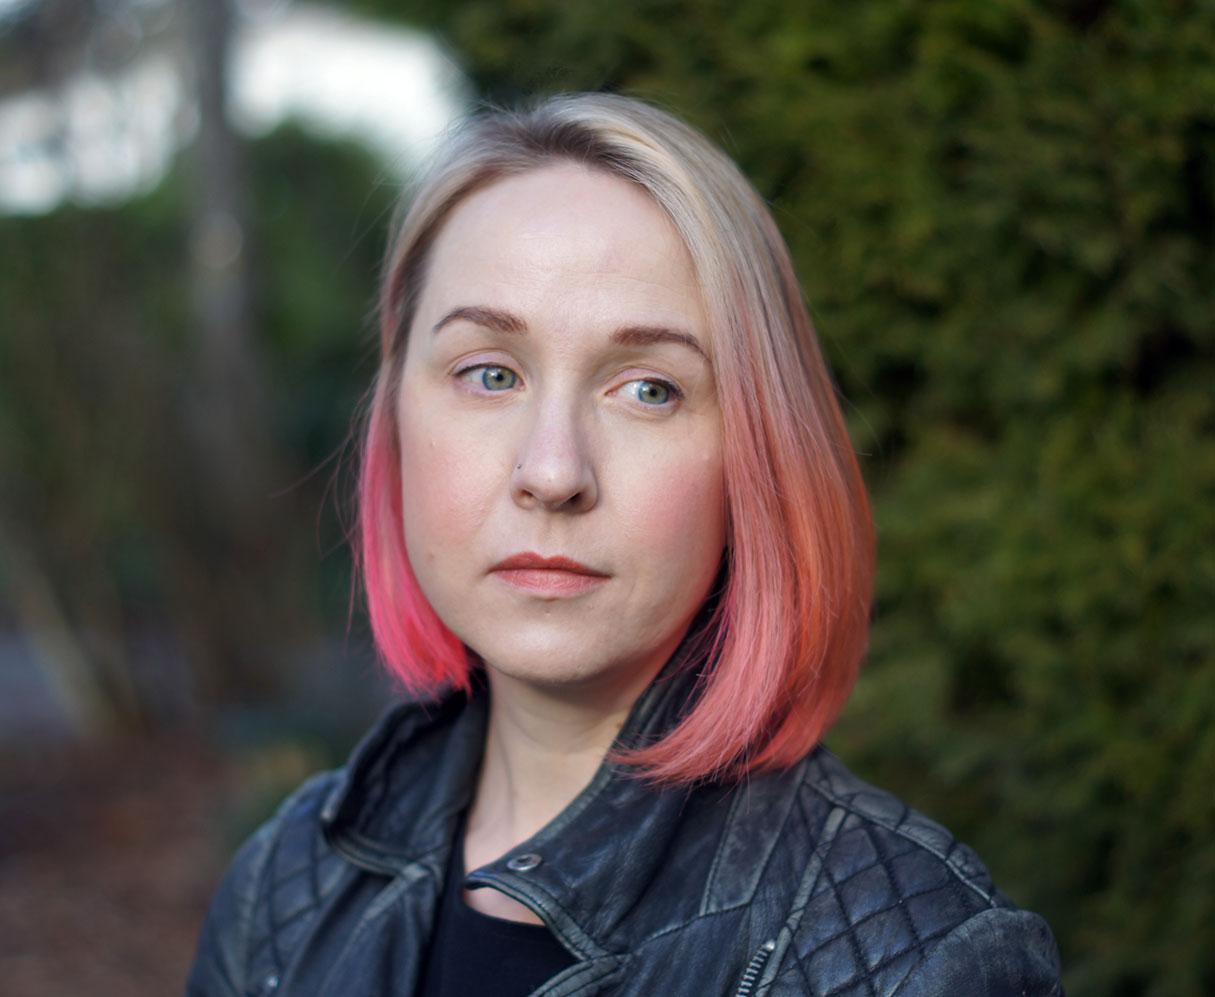 Sarah McIlwain